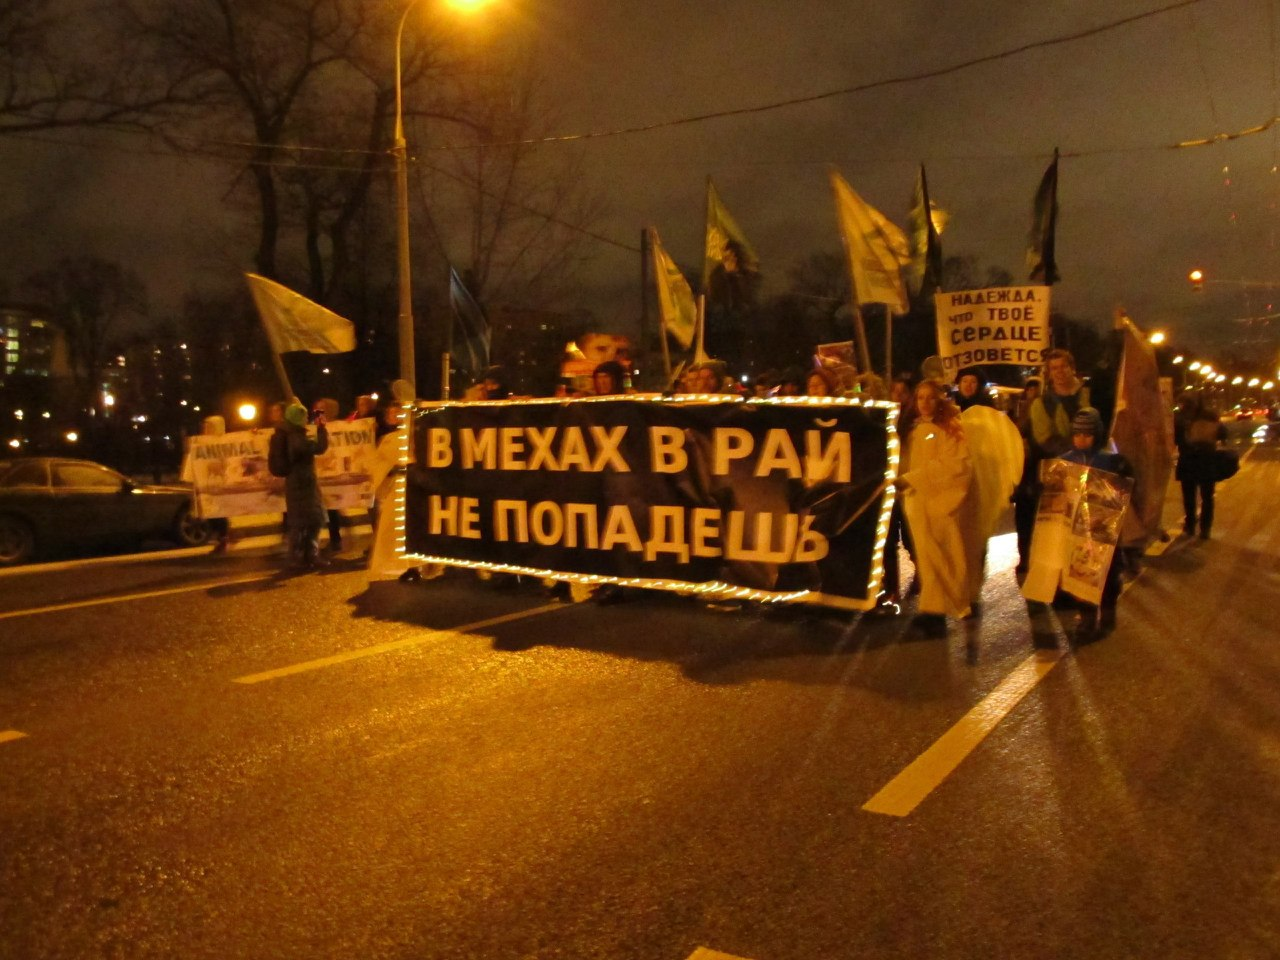 Антимеховой Марш в Москве – 29.11.2013